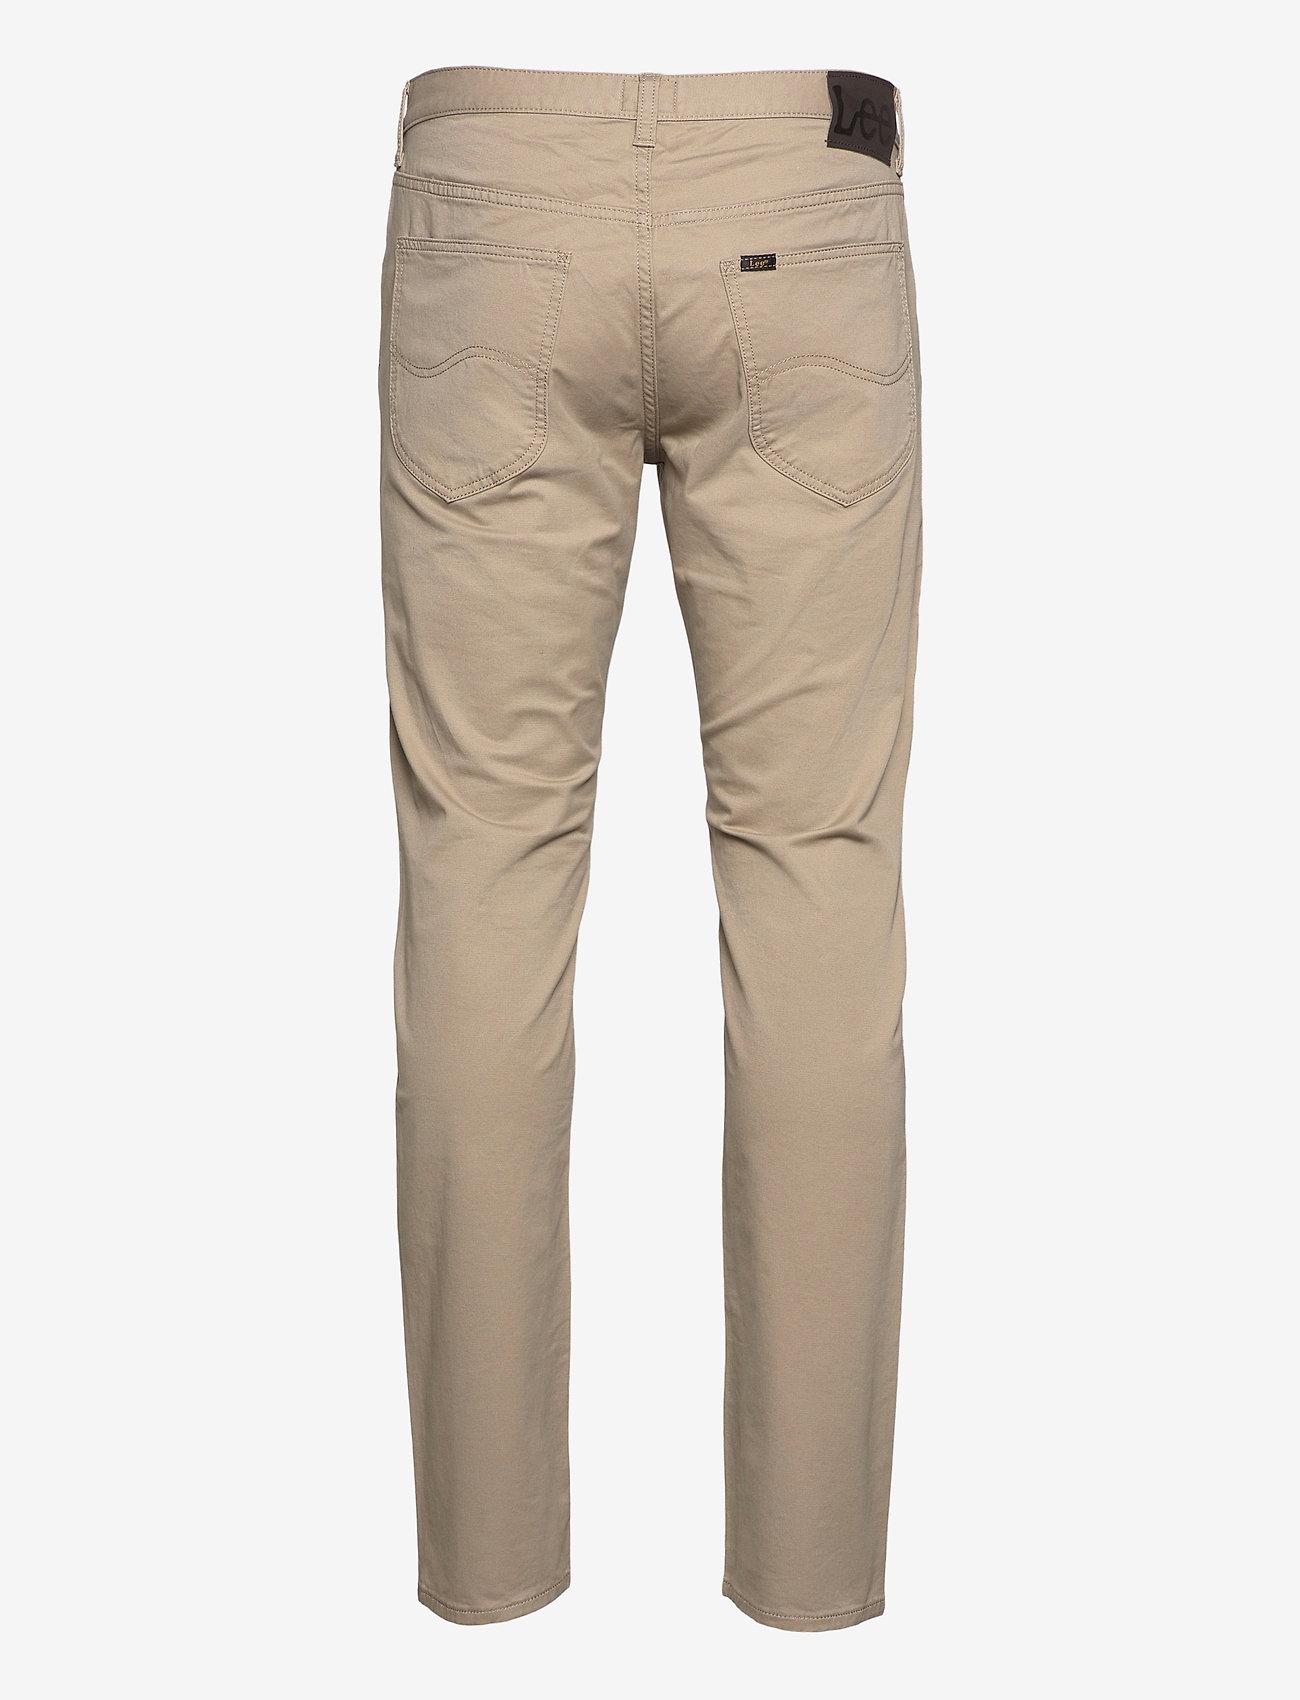 Lee Jeans Daren Zip Fly - Jeans BEIGE - Menn Klær